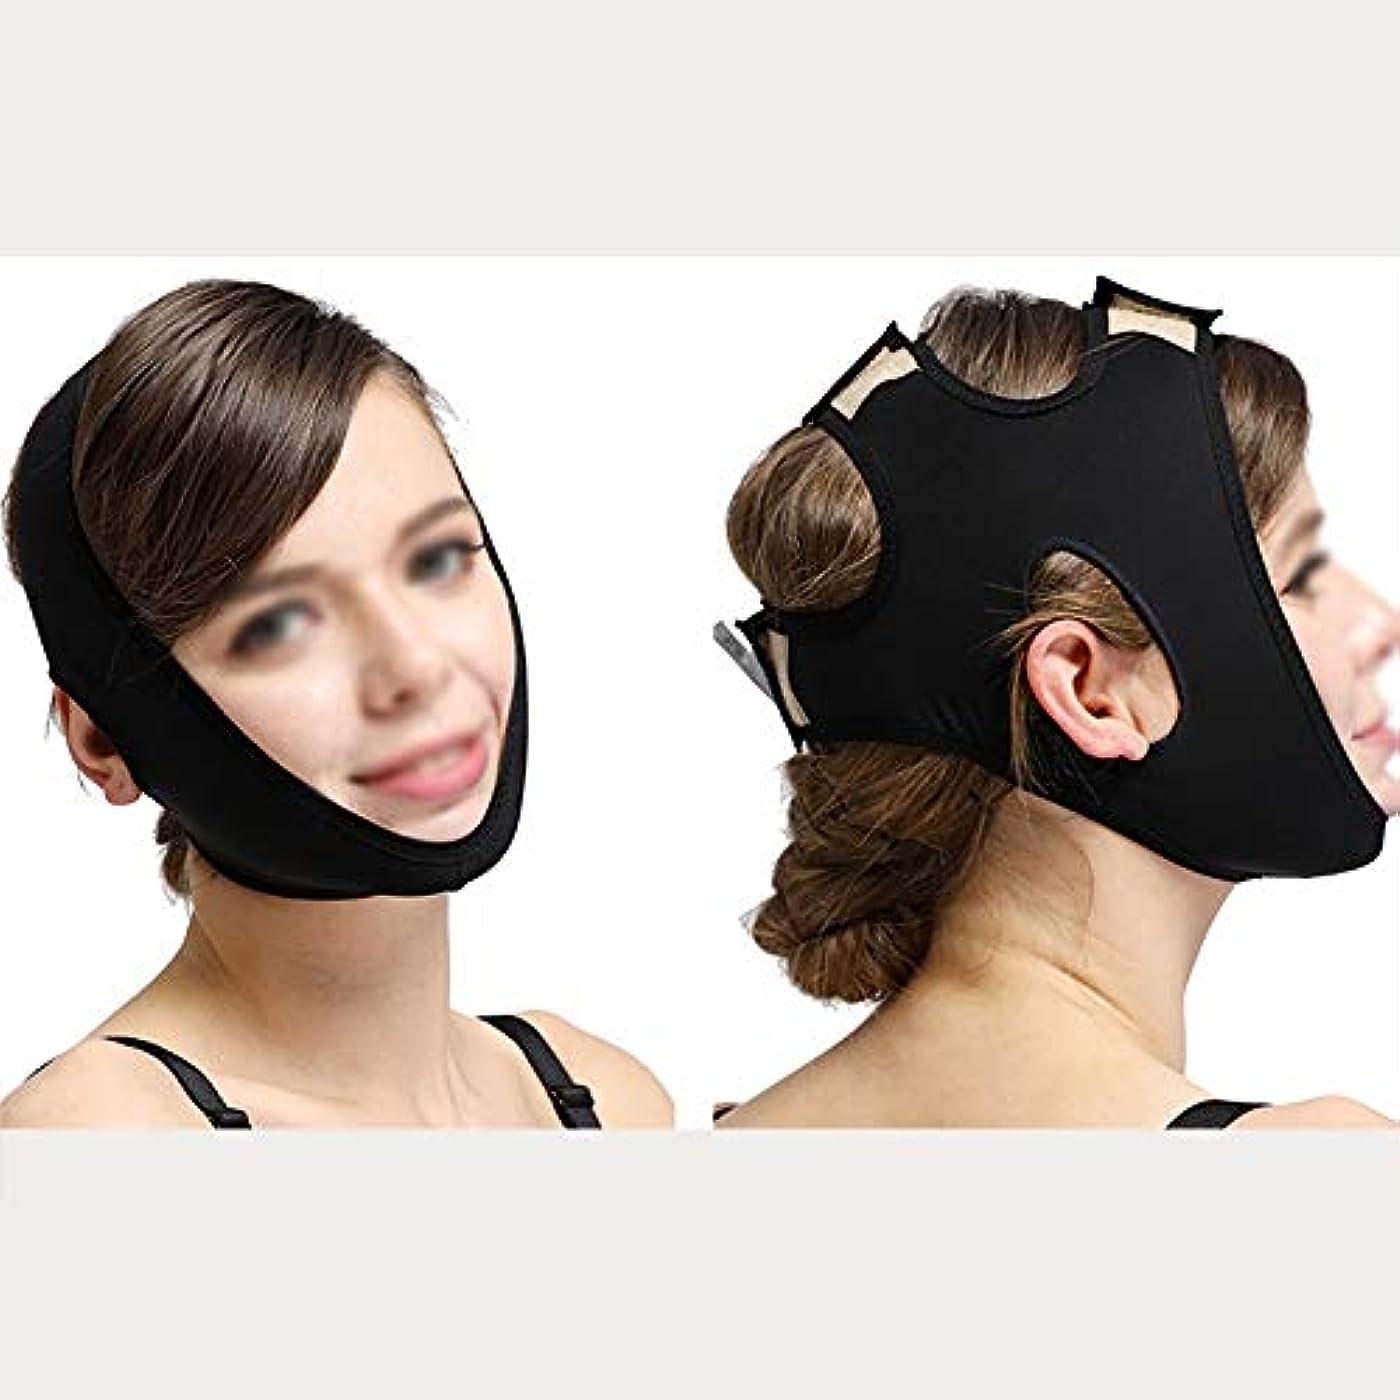 減衰検出器薄暗い顔面彫刻ツール、脂肪吸引フード、あご加圧、ストレッチマスク (Color : Black, Size : XL)